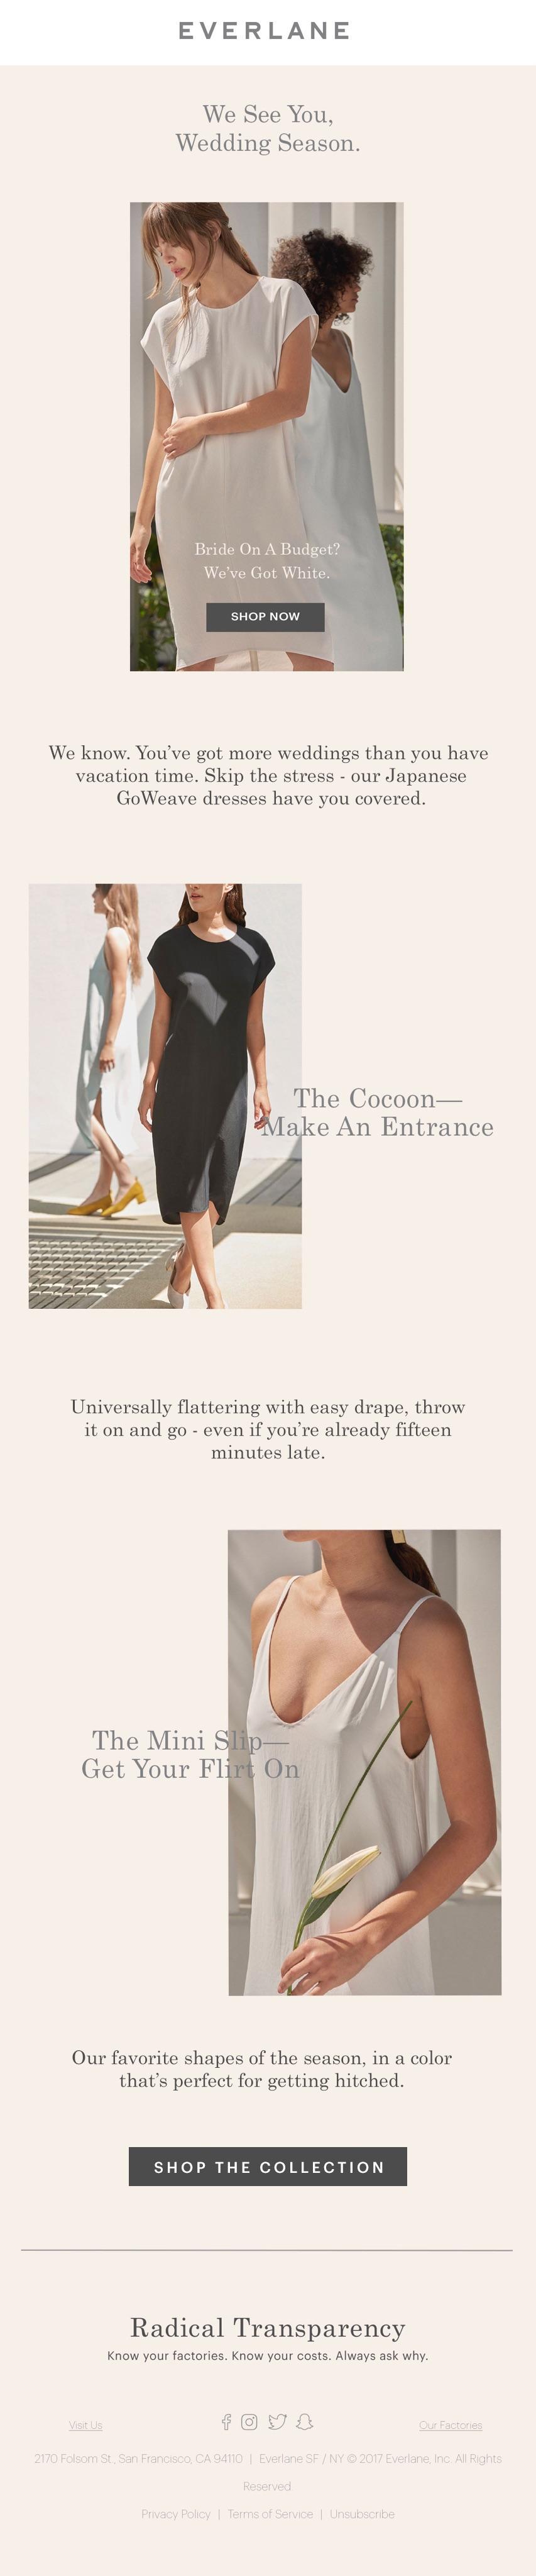 Womens Everlane email marketing blast.